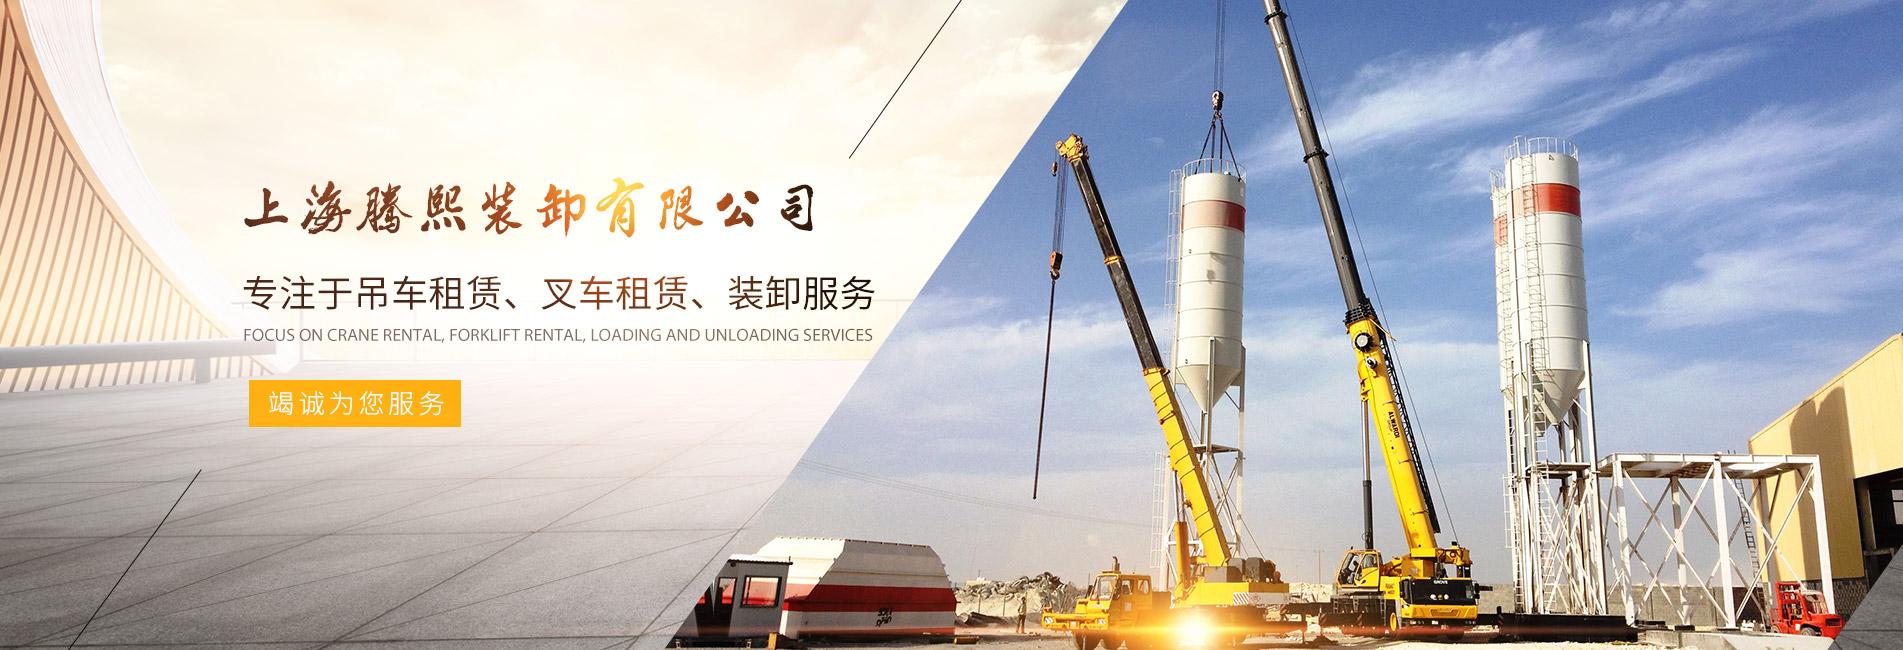 上海叉车出租_上海腾熙装卸有限公司